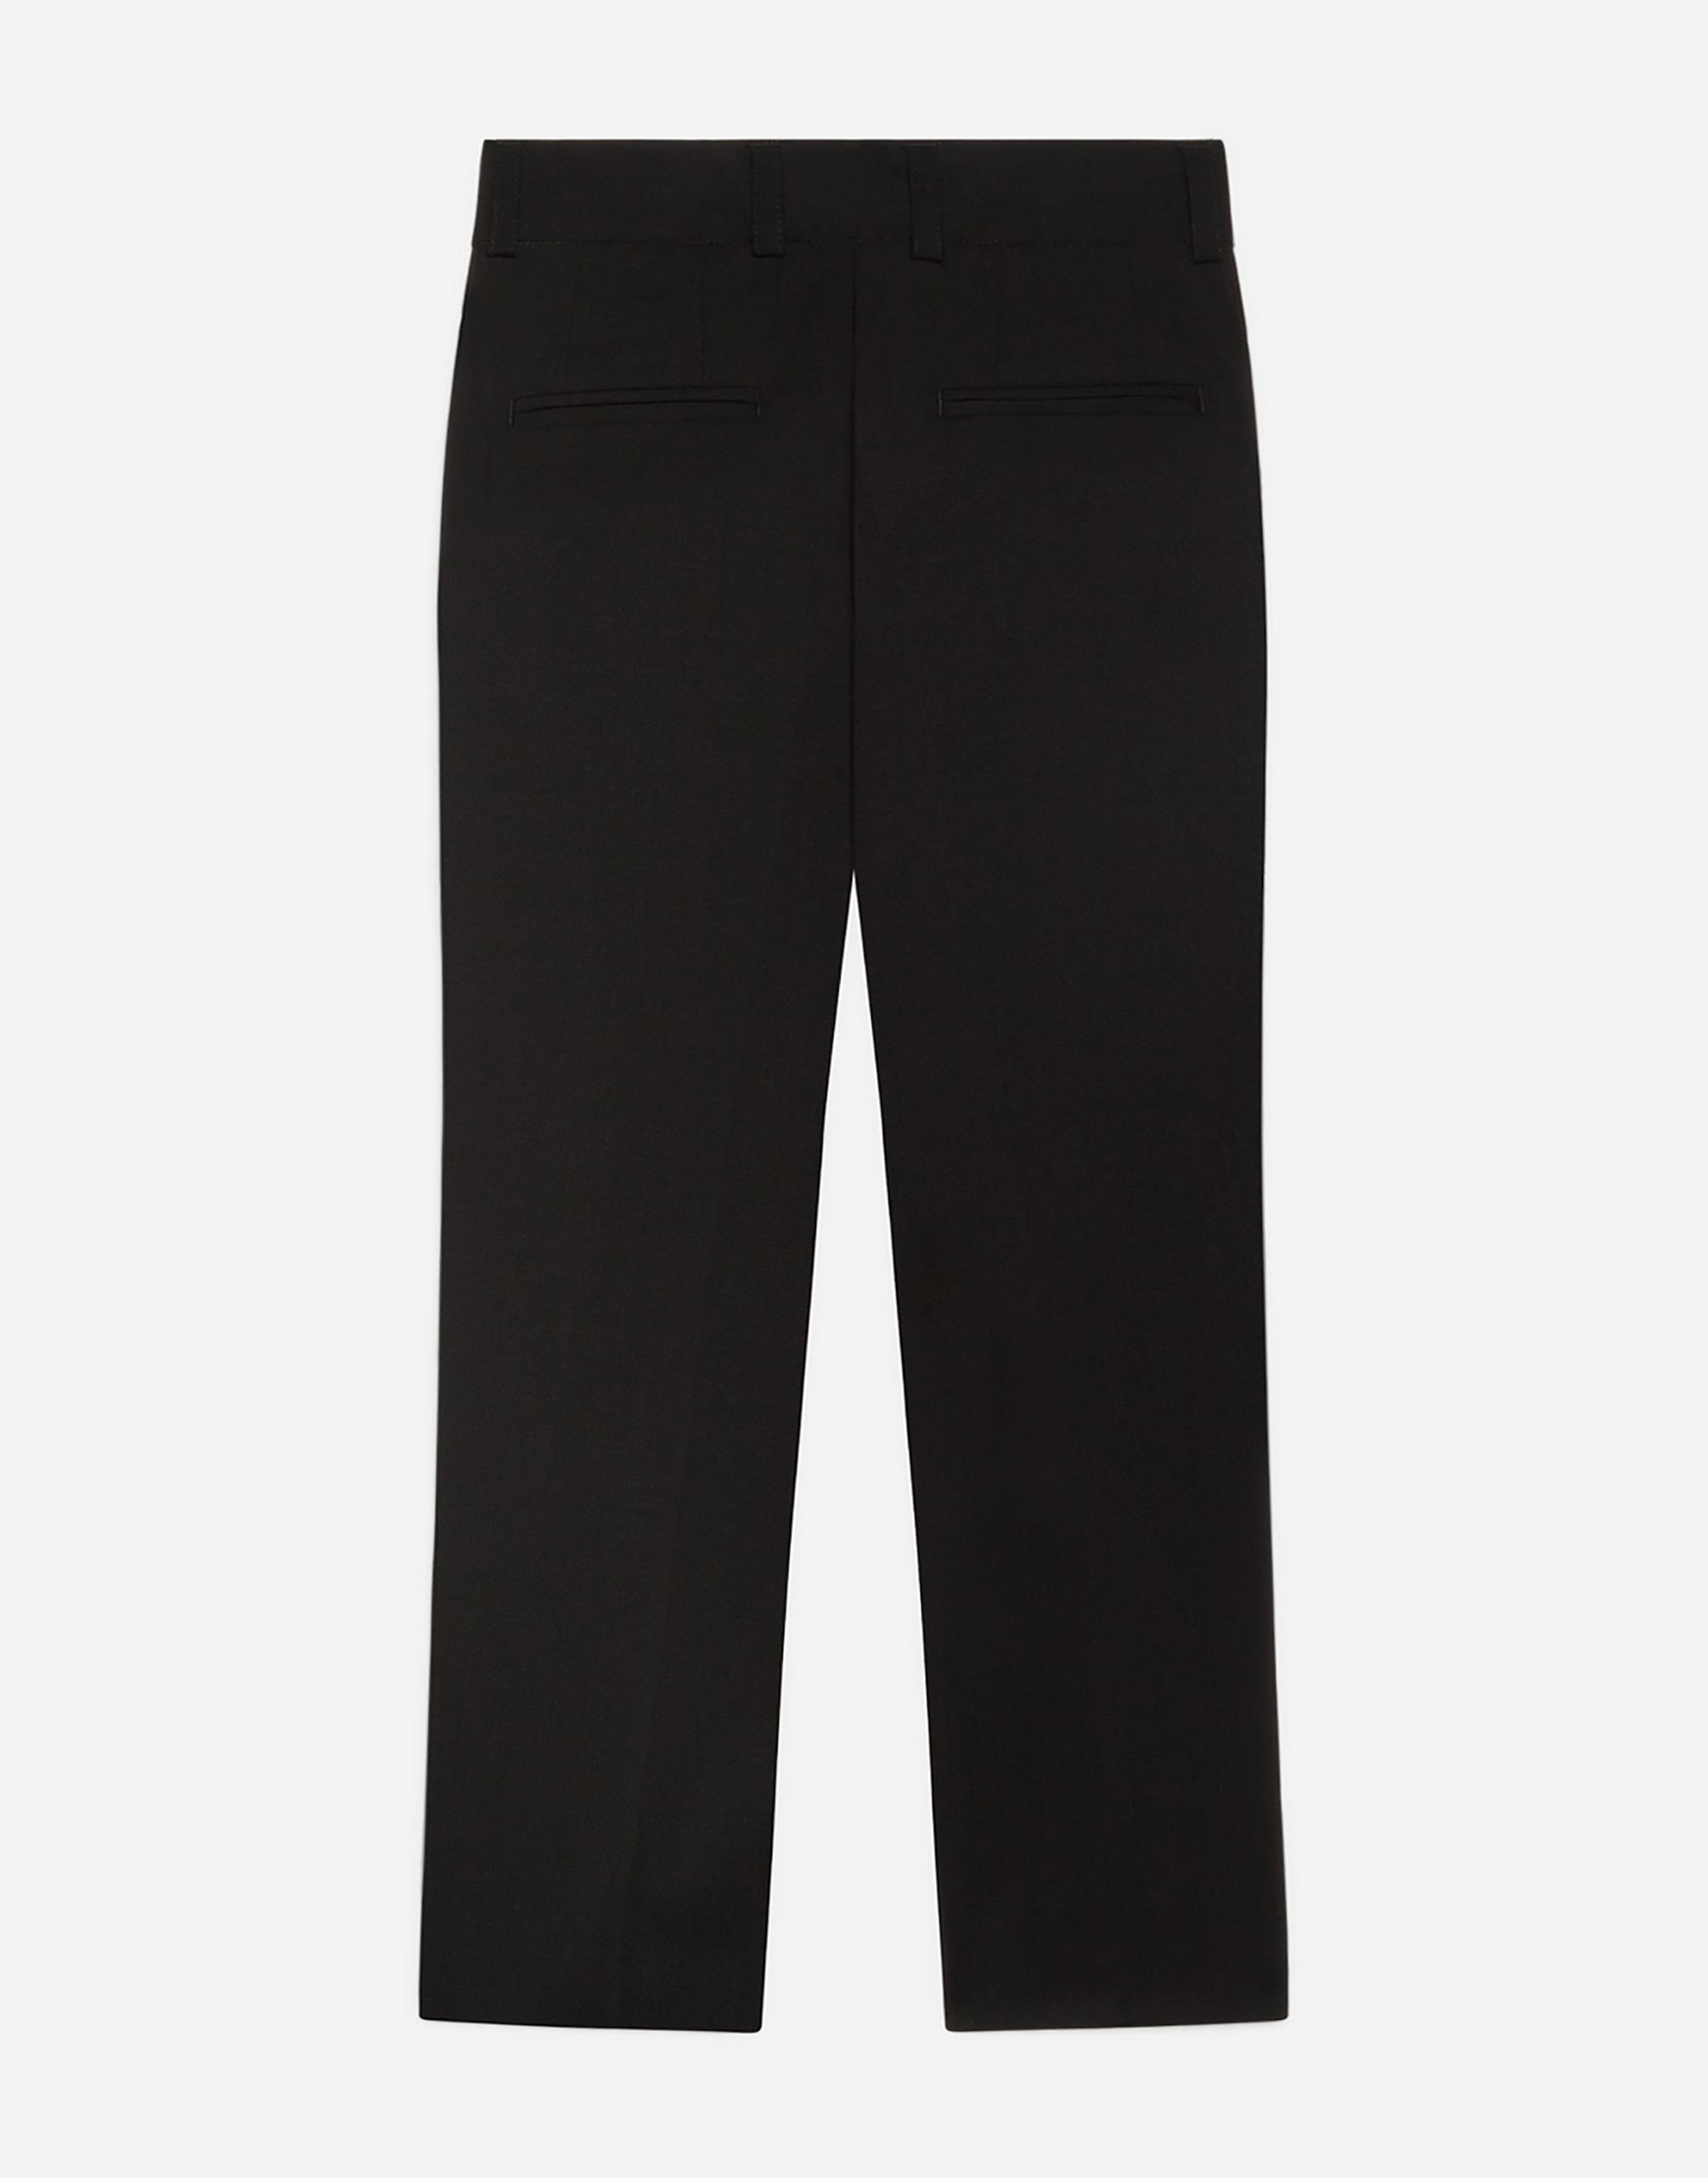 Dolce & Gabbana STRETCH WOOL PANTS